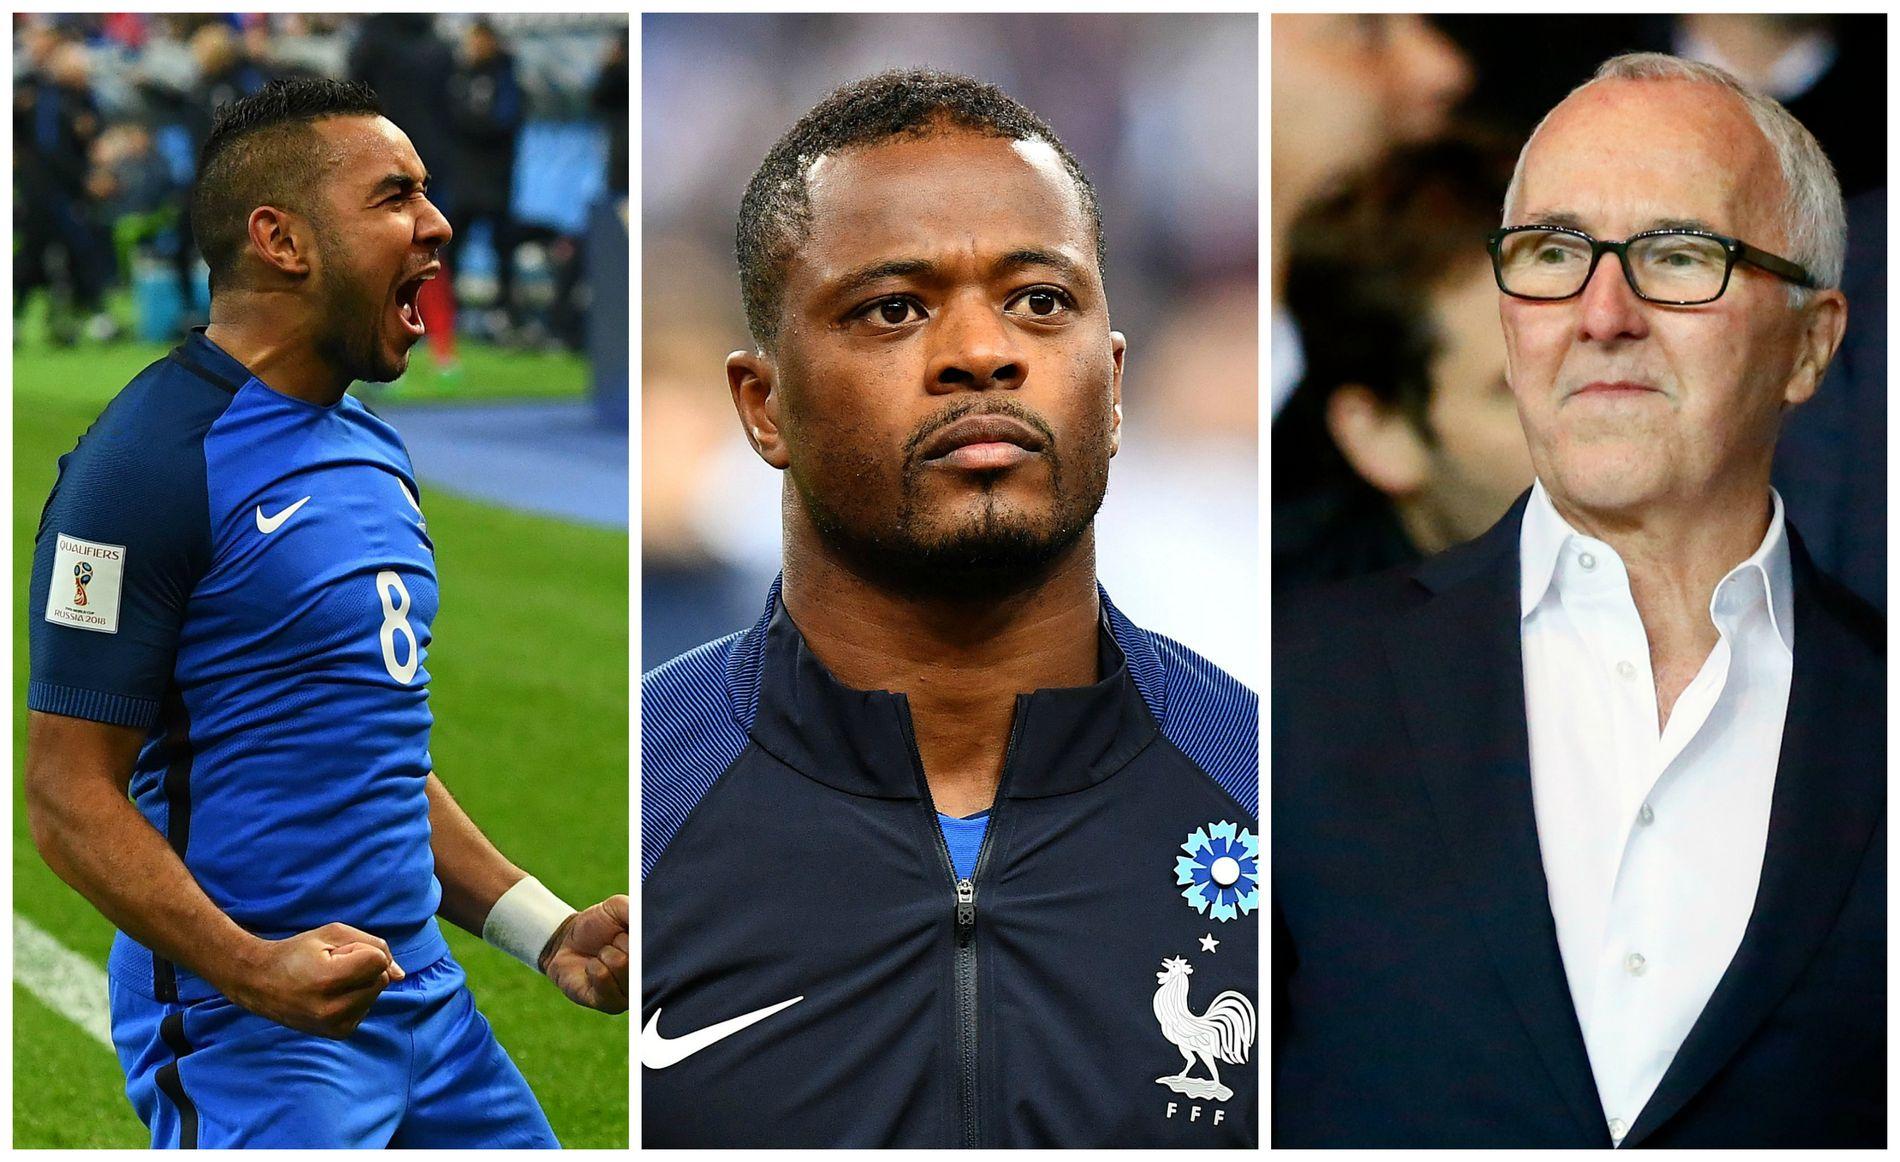 MAKE MARSEILLE GREAT AGAIN: Marseilles nye eier Frank McCourt (t.h.) har allerede signert Patrice Evra (midten). Trolig kommer også Dimitri Payet (t.v.) snart.